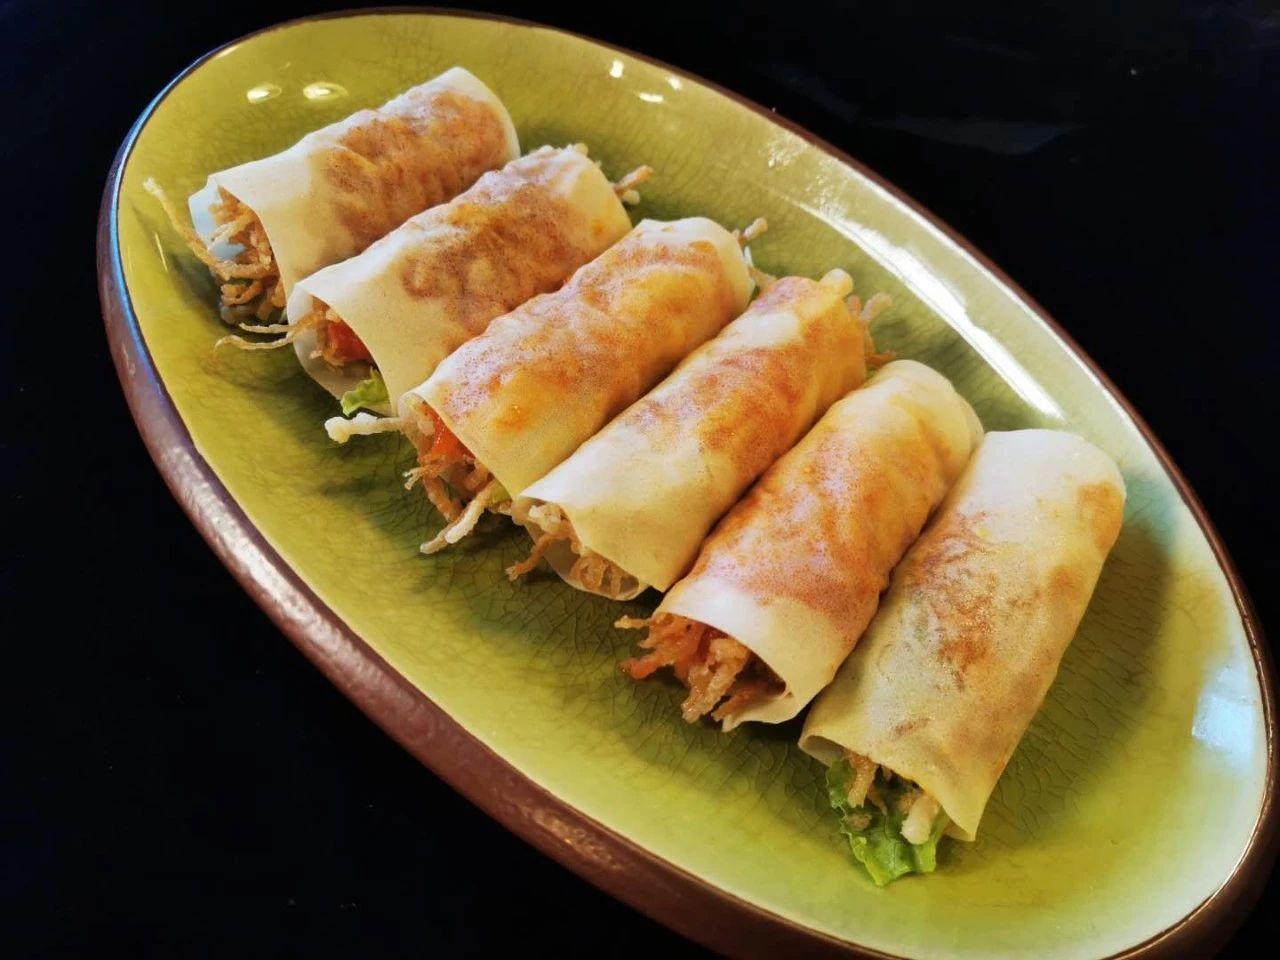 《美食潮》多彩素食之二——罗汉粥与菇菌卷